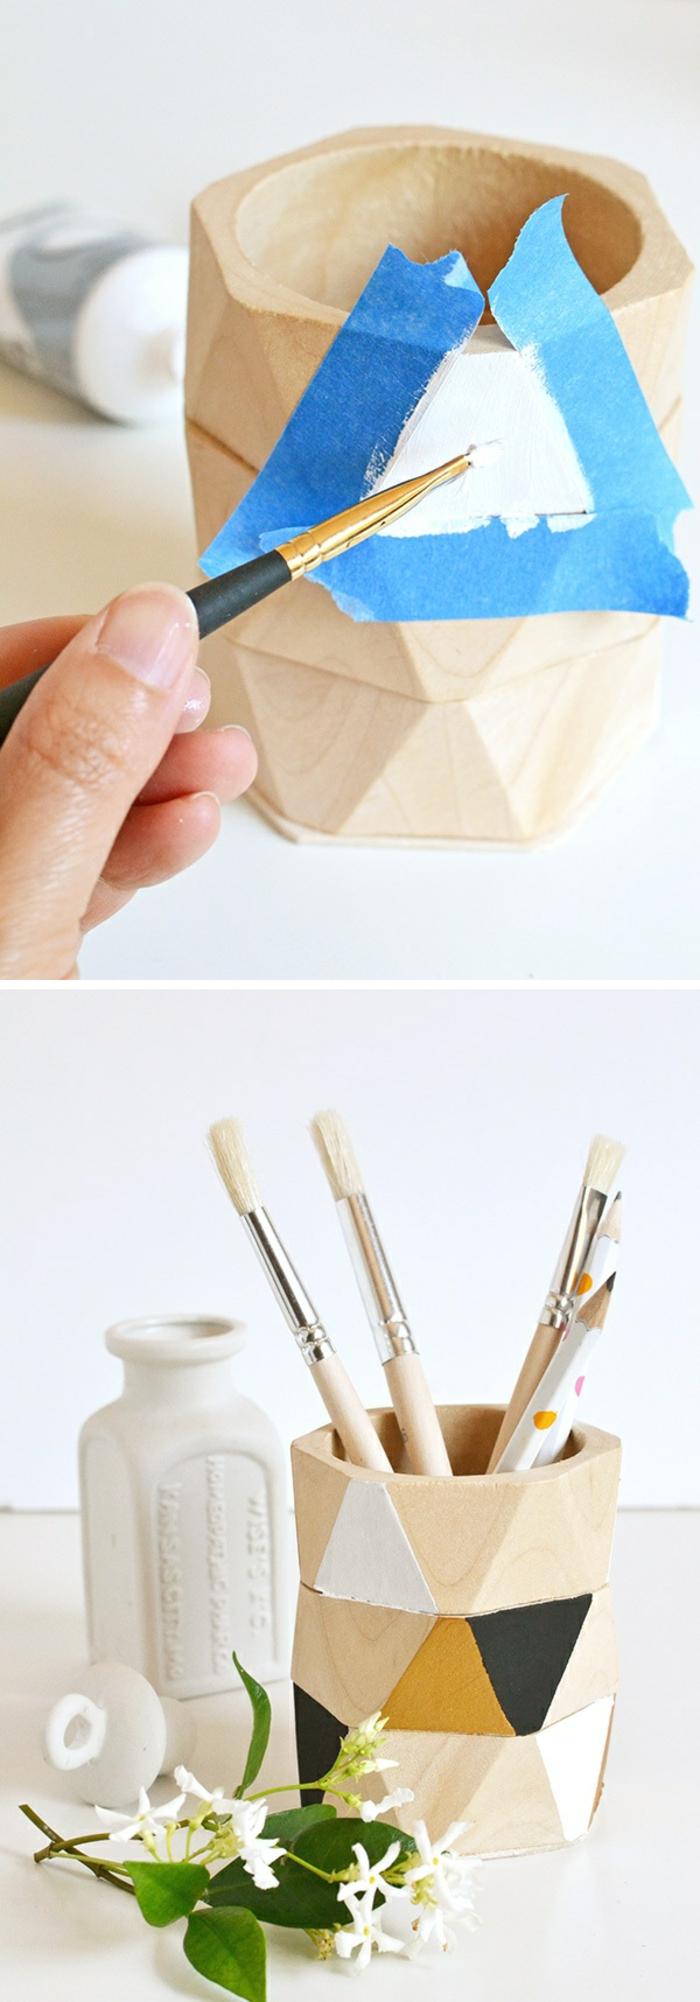 originales propuestas de decoración hogar DIY, como hacer manualidades paso a paso, decoración de madera con motivos geométricos